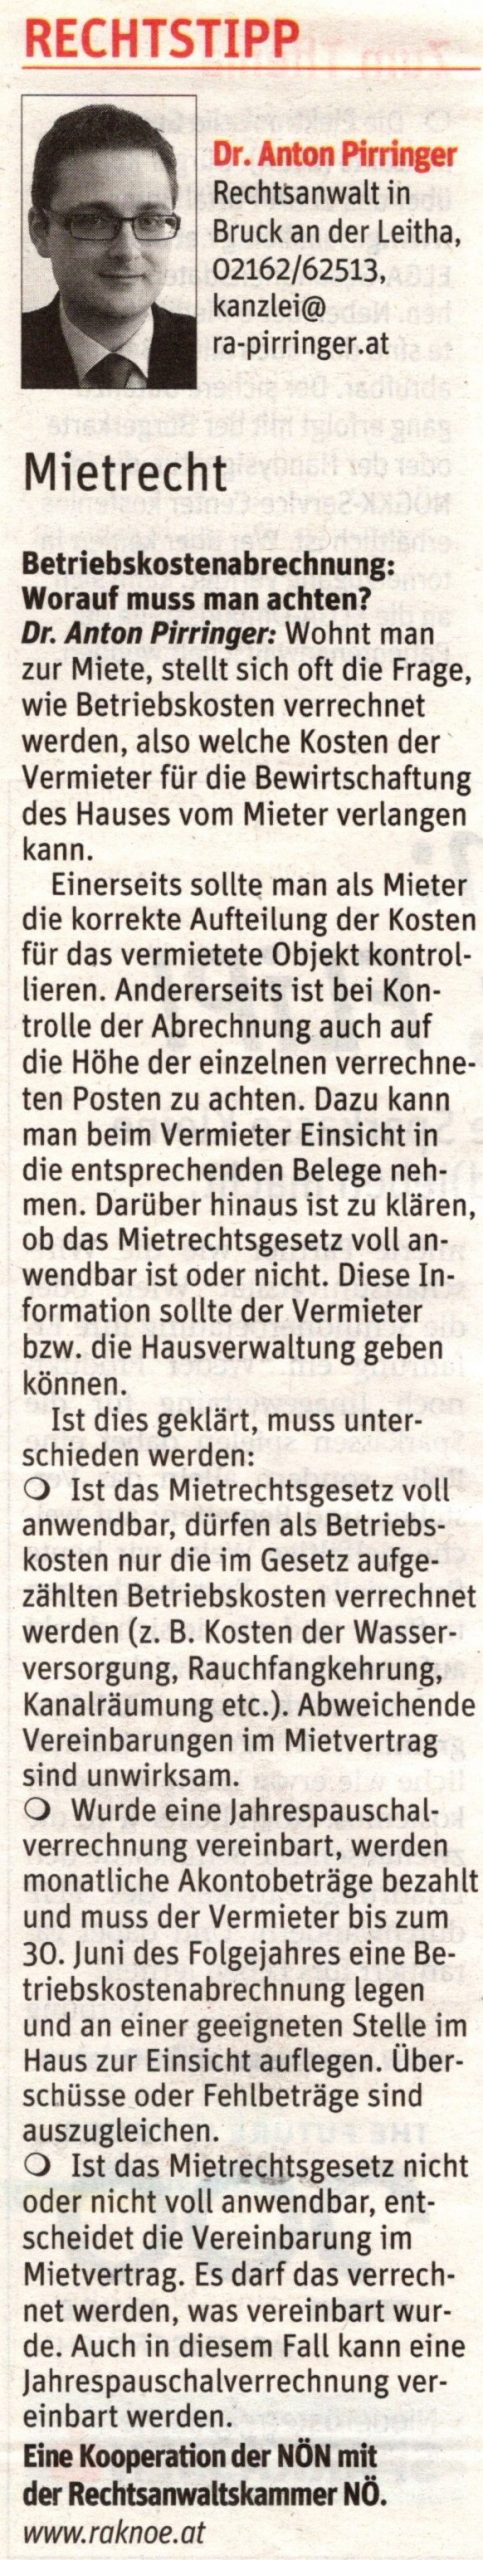 Kolumne Niederösterreichische Nachrichten Nr. 21 am 22.Mai 2019 Dr. Anton Pirringer